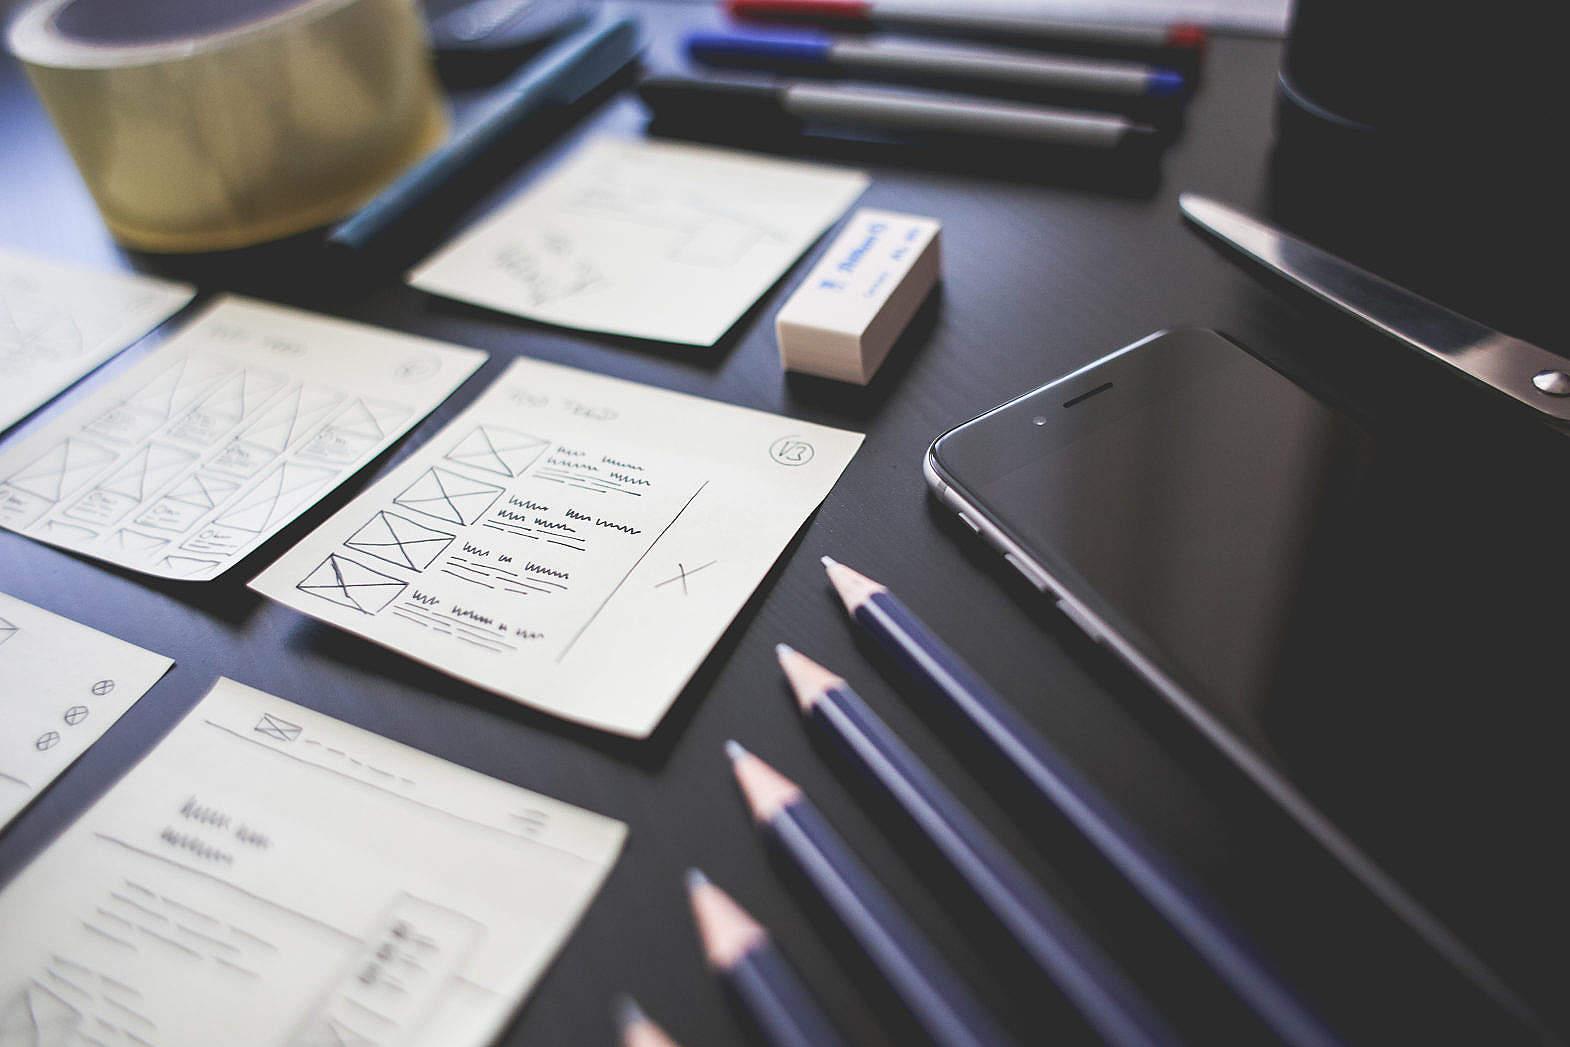 Office Work Things Free Stock Photo | picjumbo